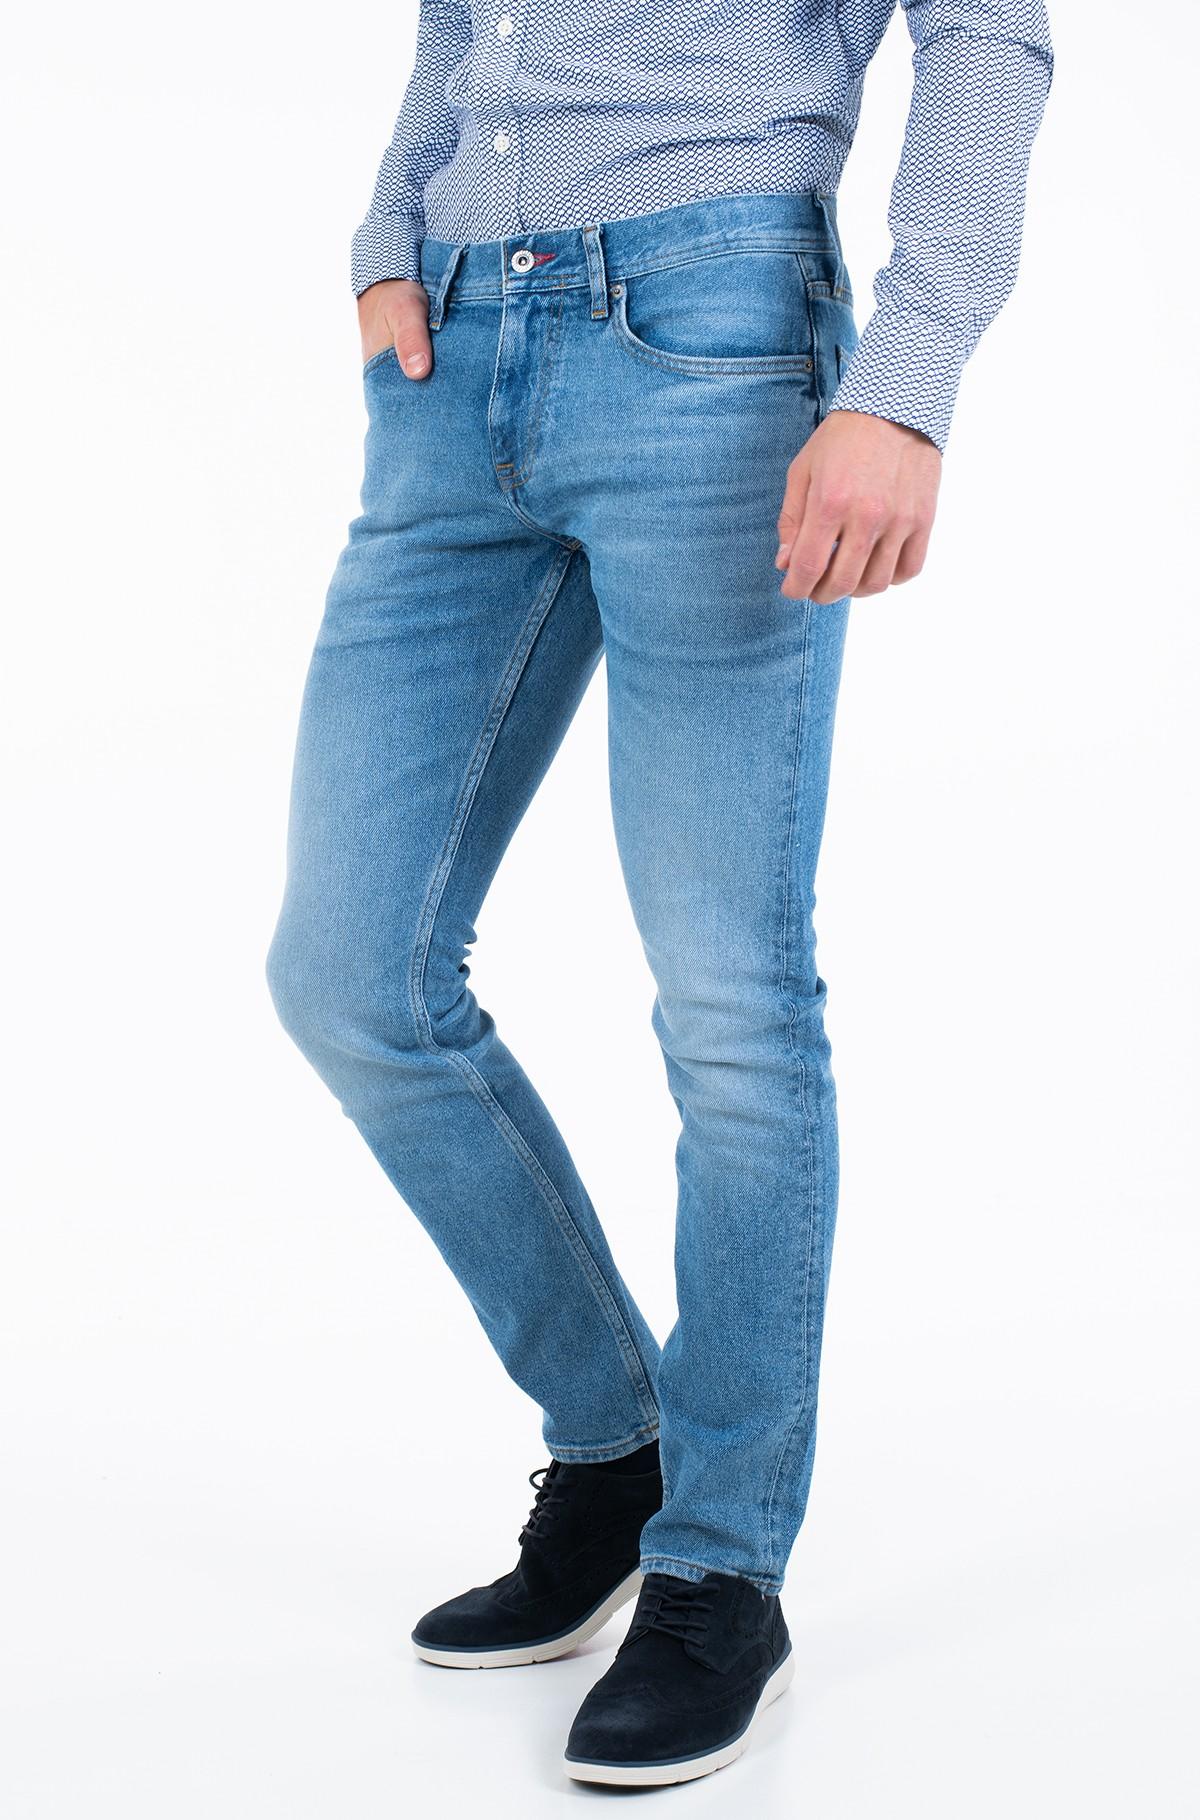 Džinsinės kelnės SLIM LAYTON PSTR CLUTE BLUE-full-1